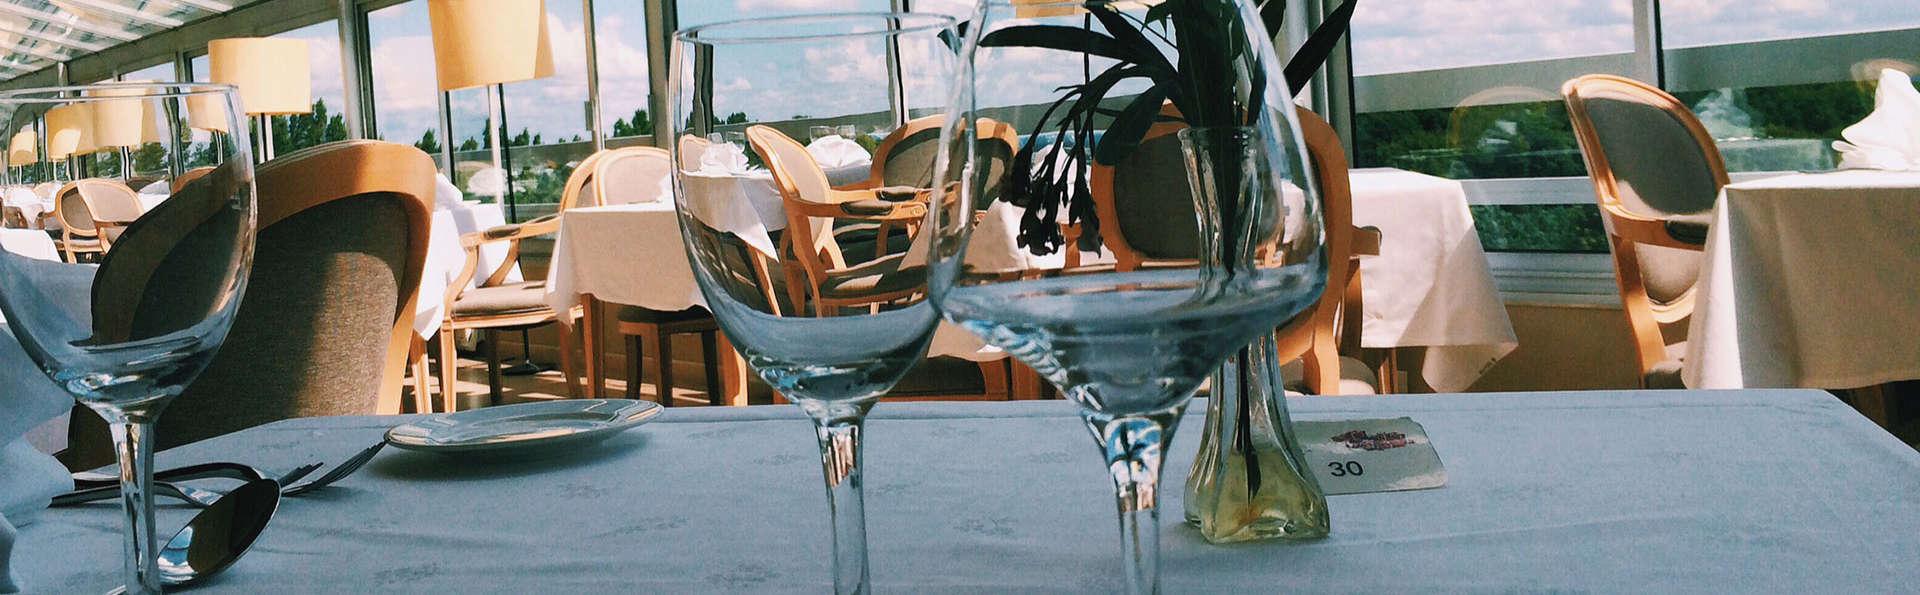 Week-end détente avec dîner au cœur du Berry (à partir de 2 nuits)